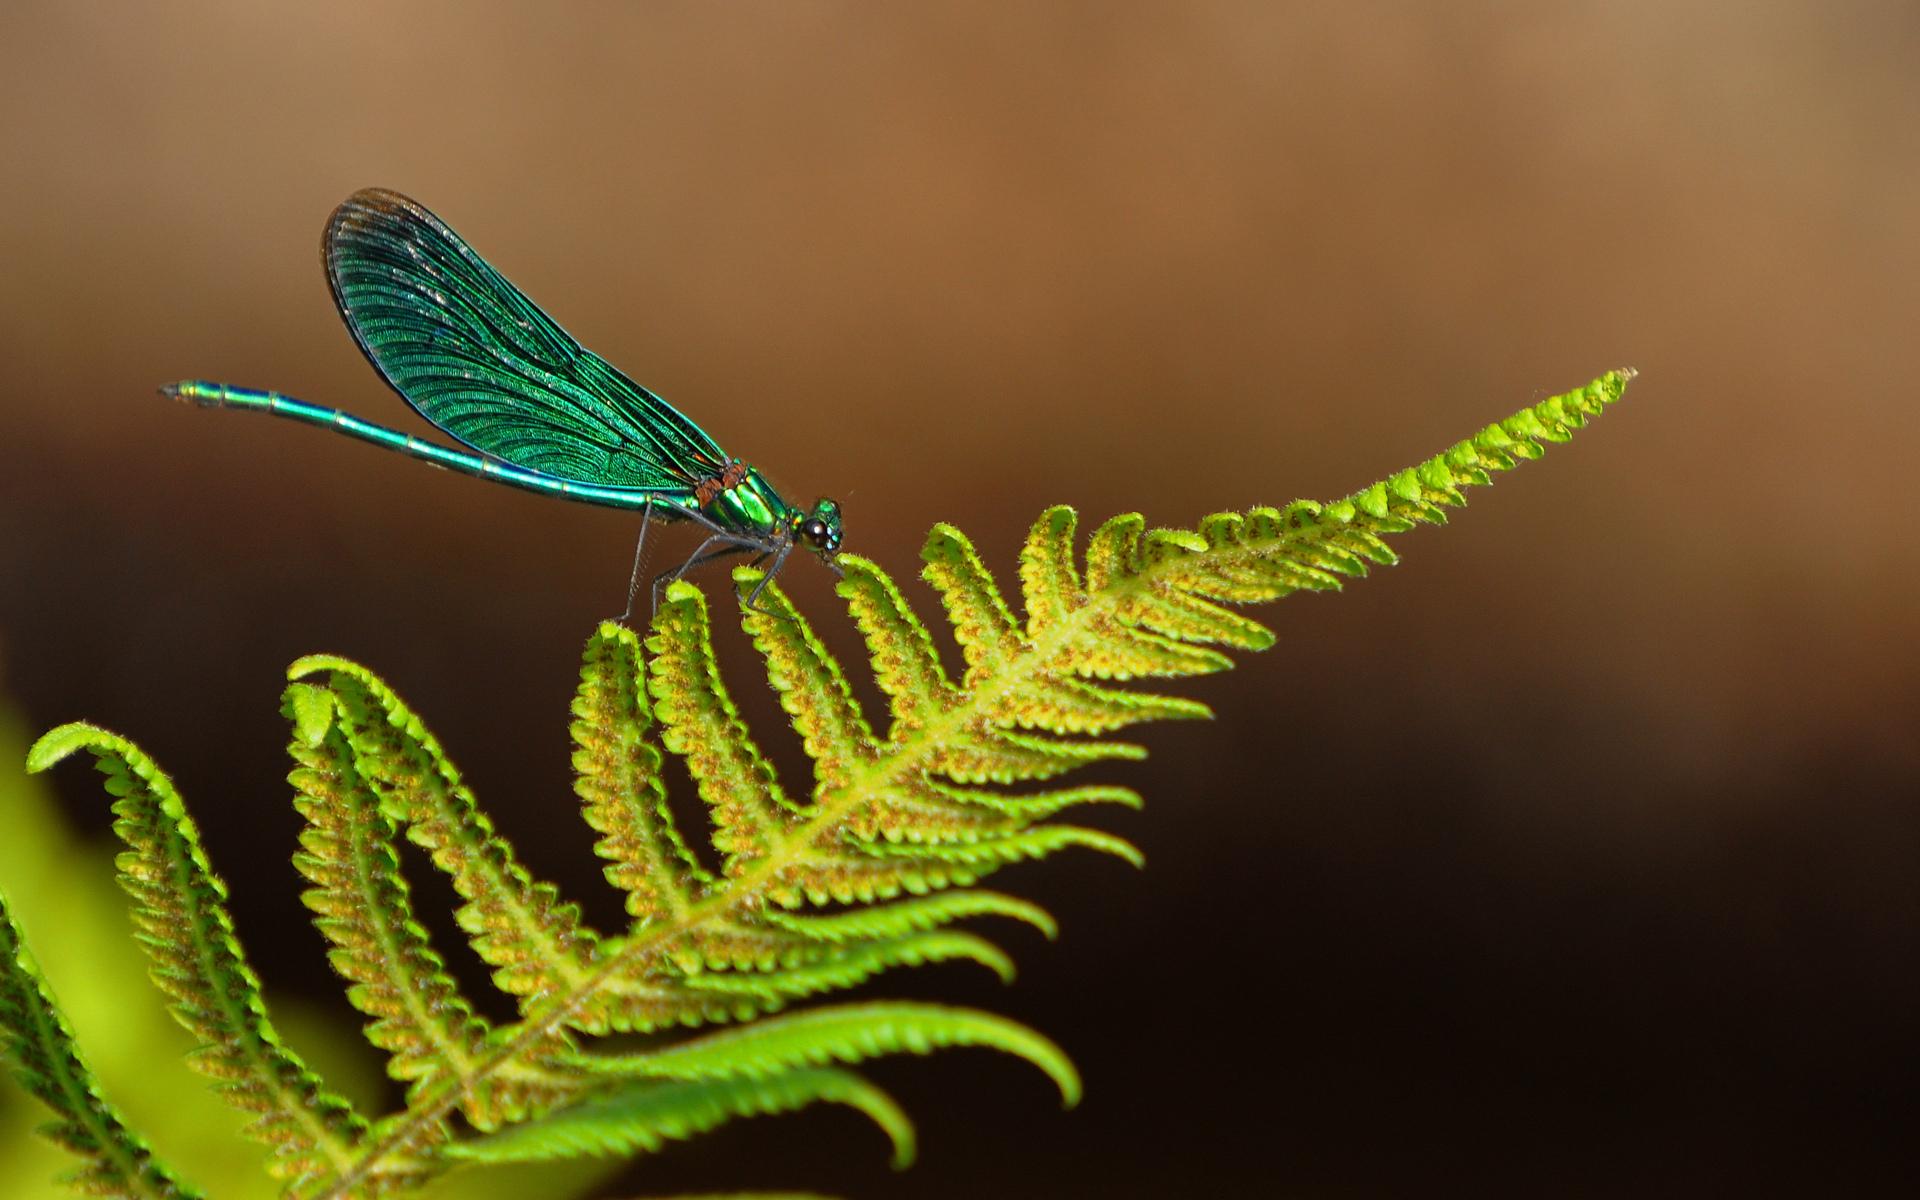 бабочка папоротник  № 3138469 бесплатно